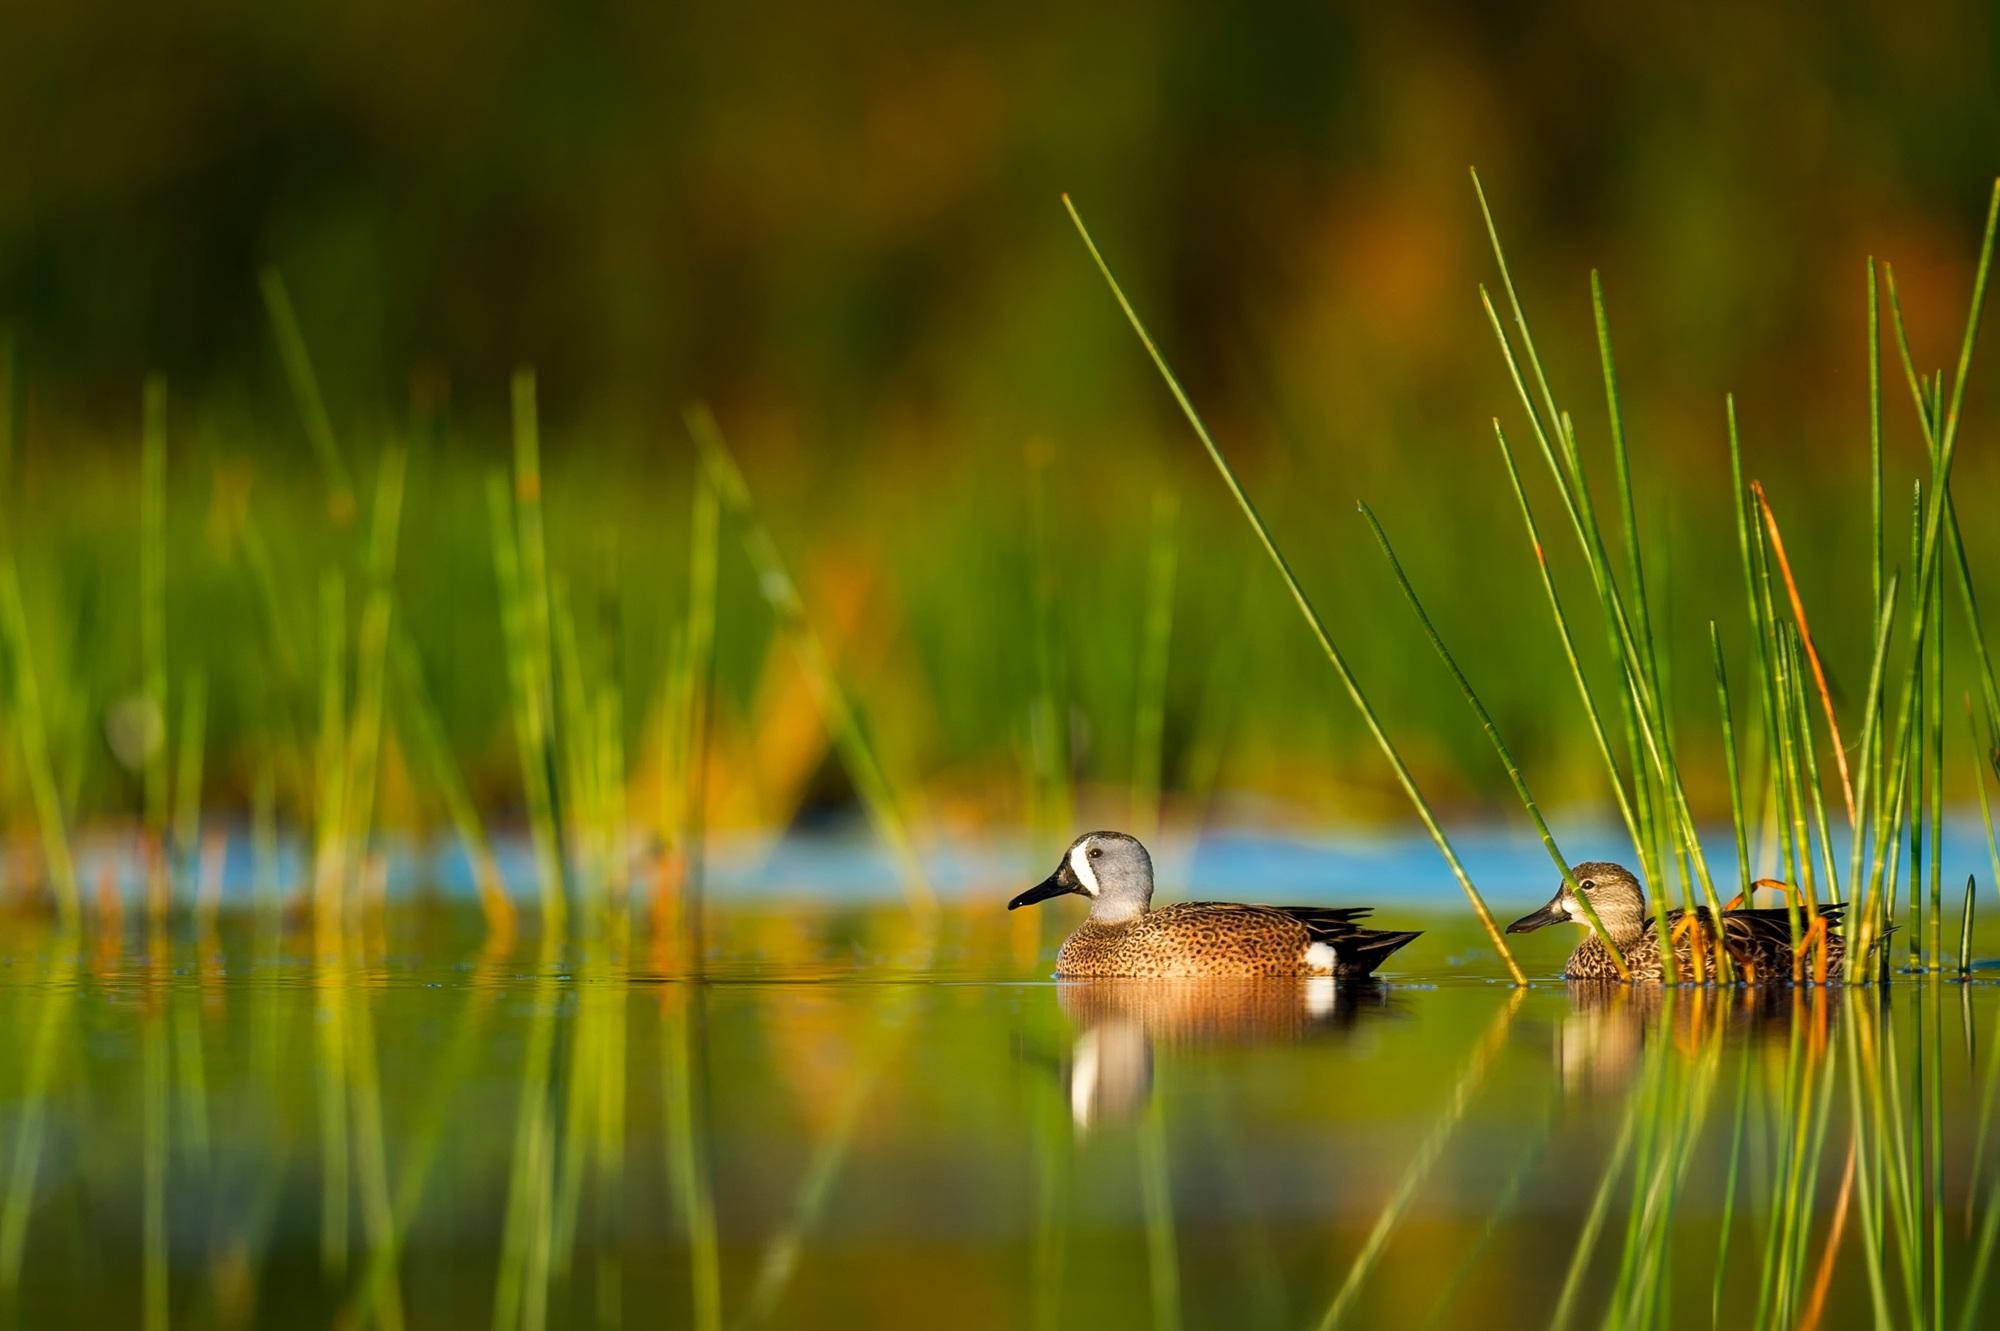 картинки озеро и камыши с утками важным